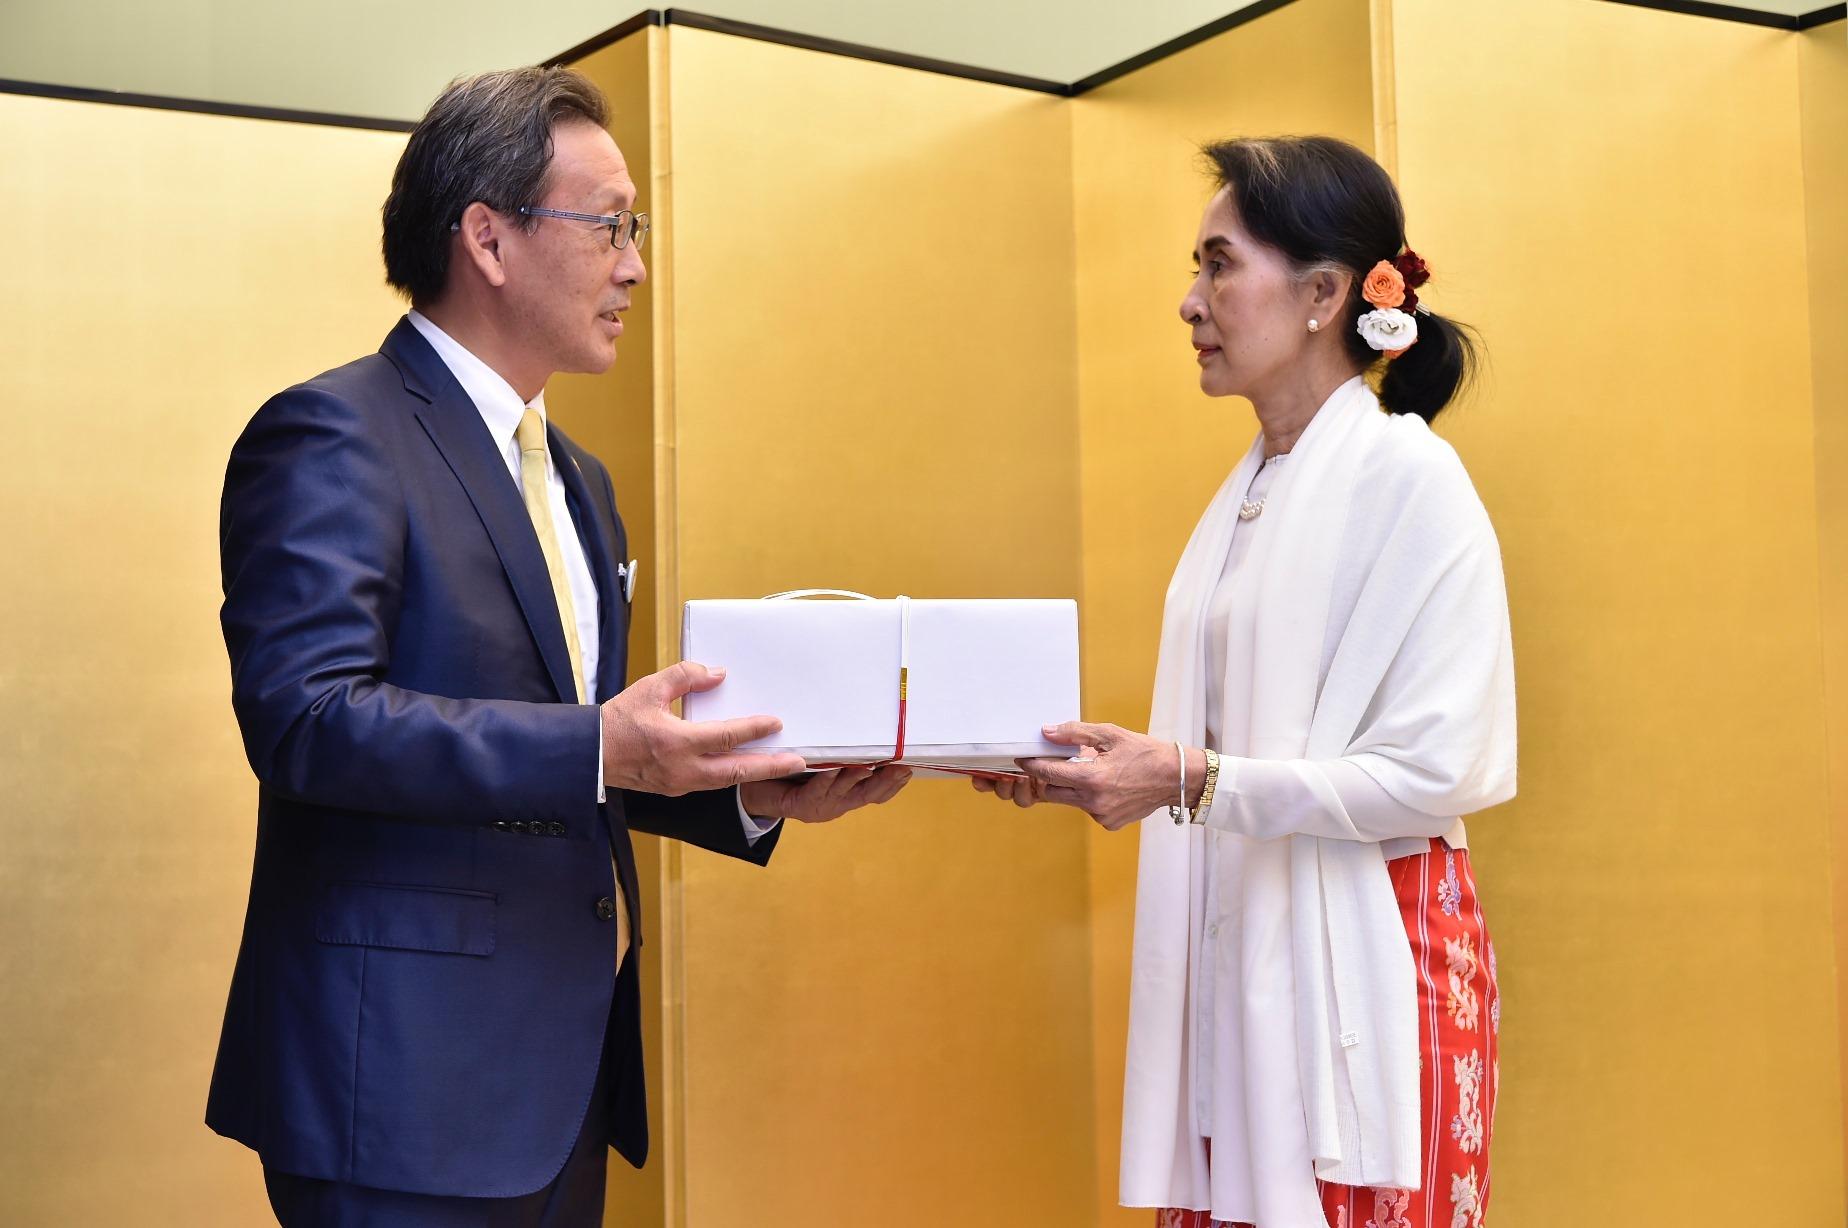 アウン・サン・スー・チー ミャンマー連邦共和国国家最高顧問と龍谷大学生10名らが京都迎賓館で懇談会を実施 -- ミャンマーとの学生交流や仏教研究等連携の促進へ